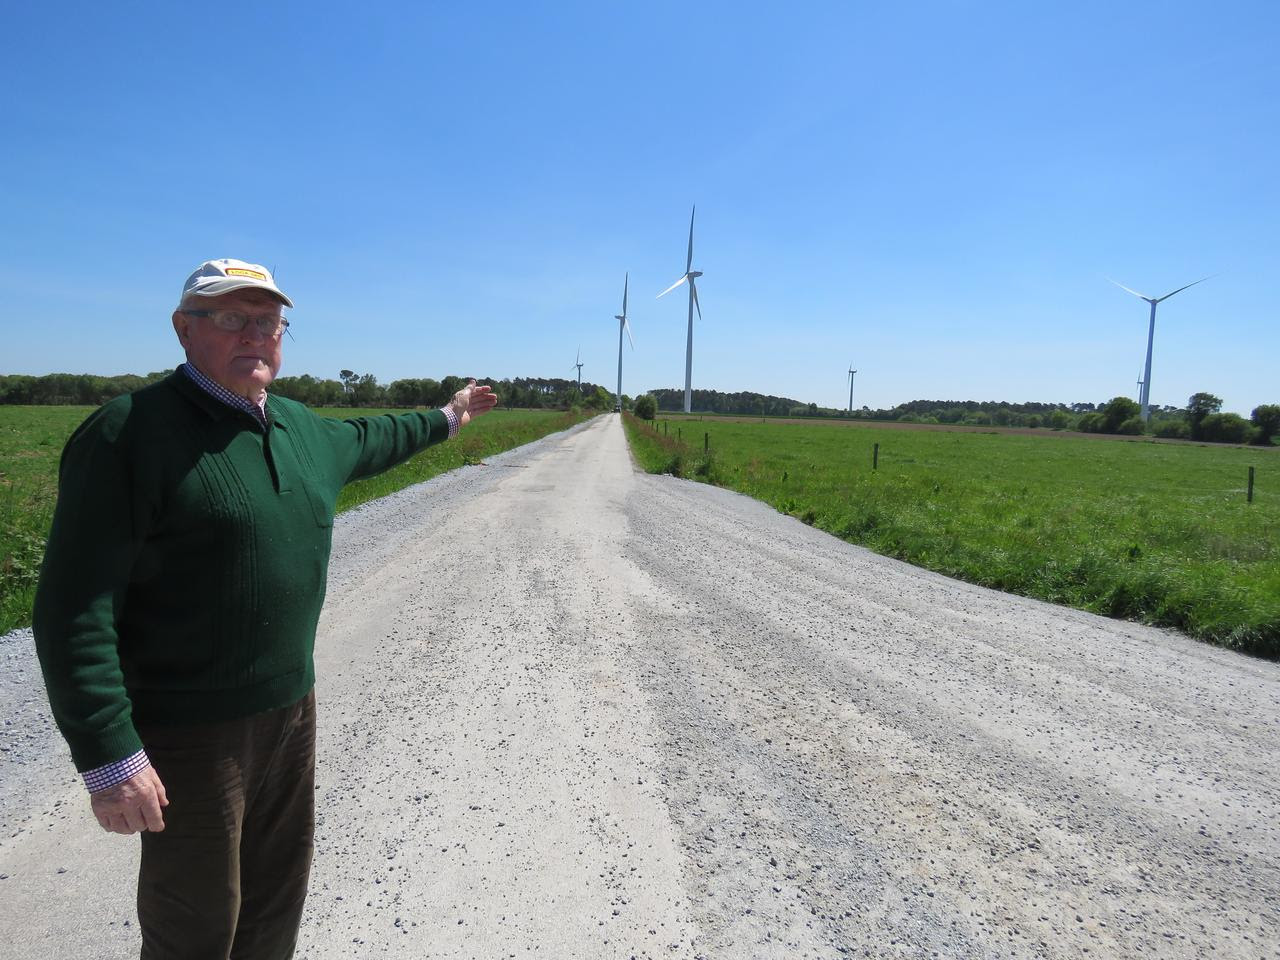 Denios Roselier pointe du doigt les nouvelles éoliennes qui vont bientôt être mises en service près de chez lui. Deux sont sur sa commune, à Buléon, mais les quatre autres sont implantées à Bignan et Guéhenno, et elles sont toutes aussi visibles.